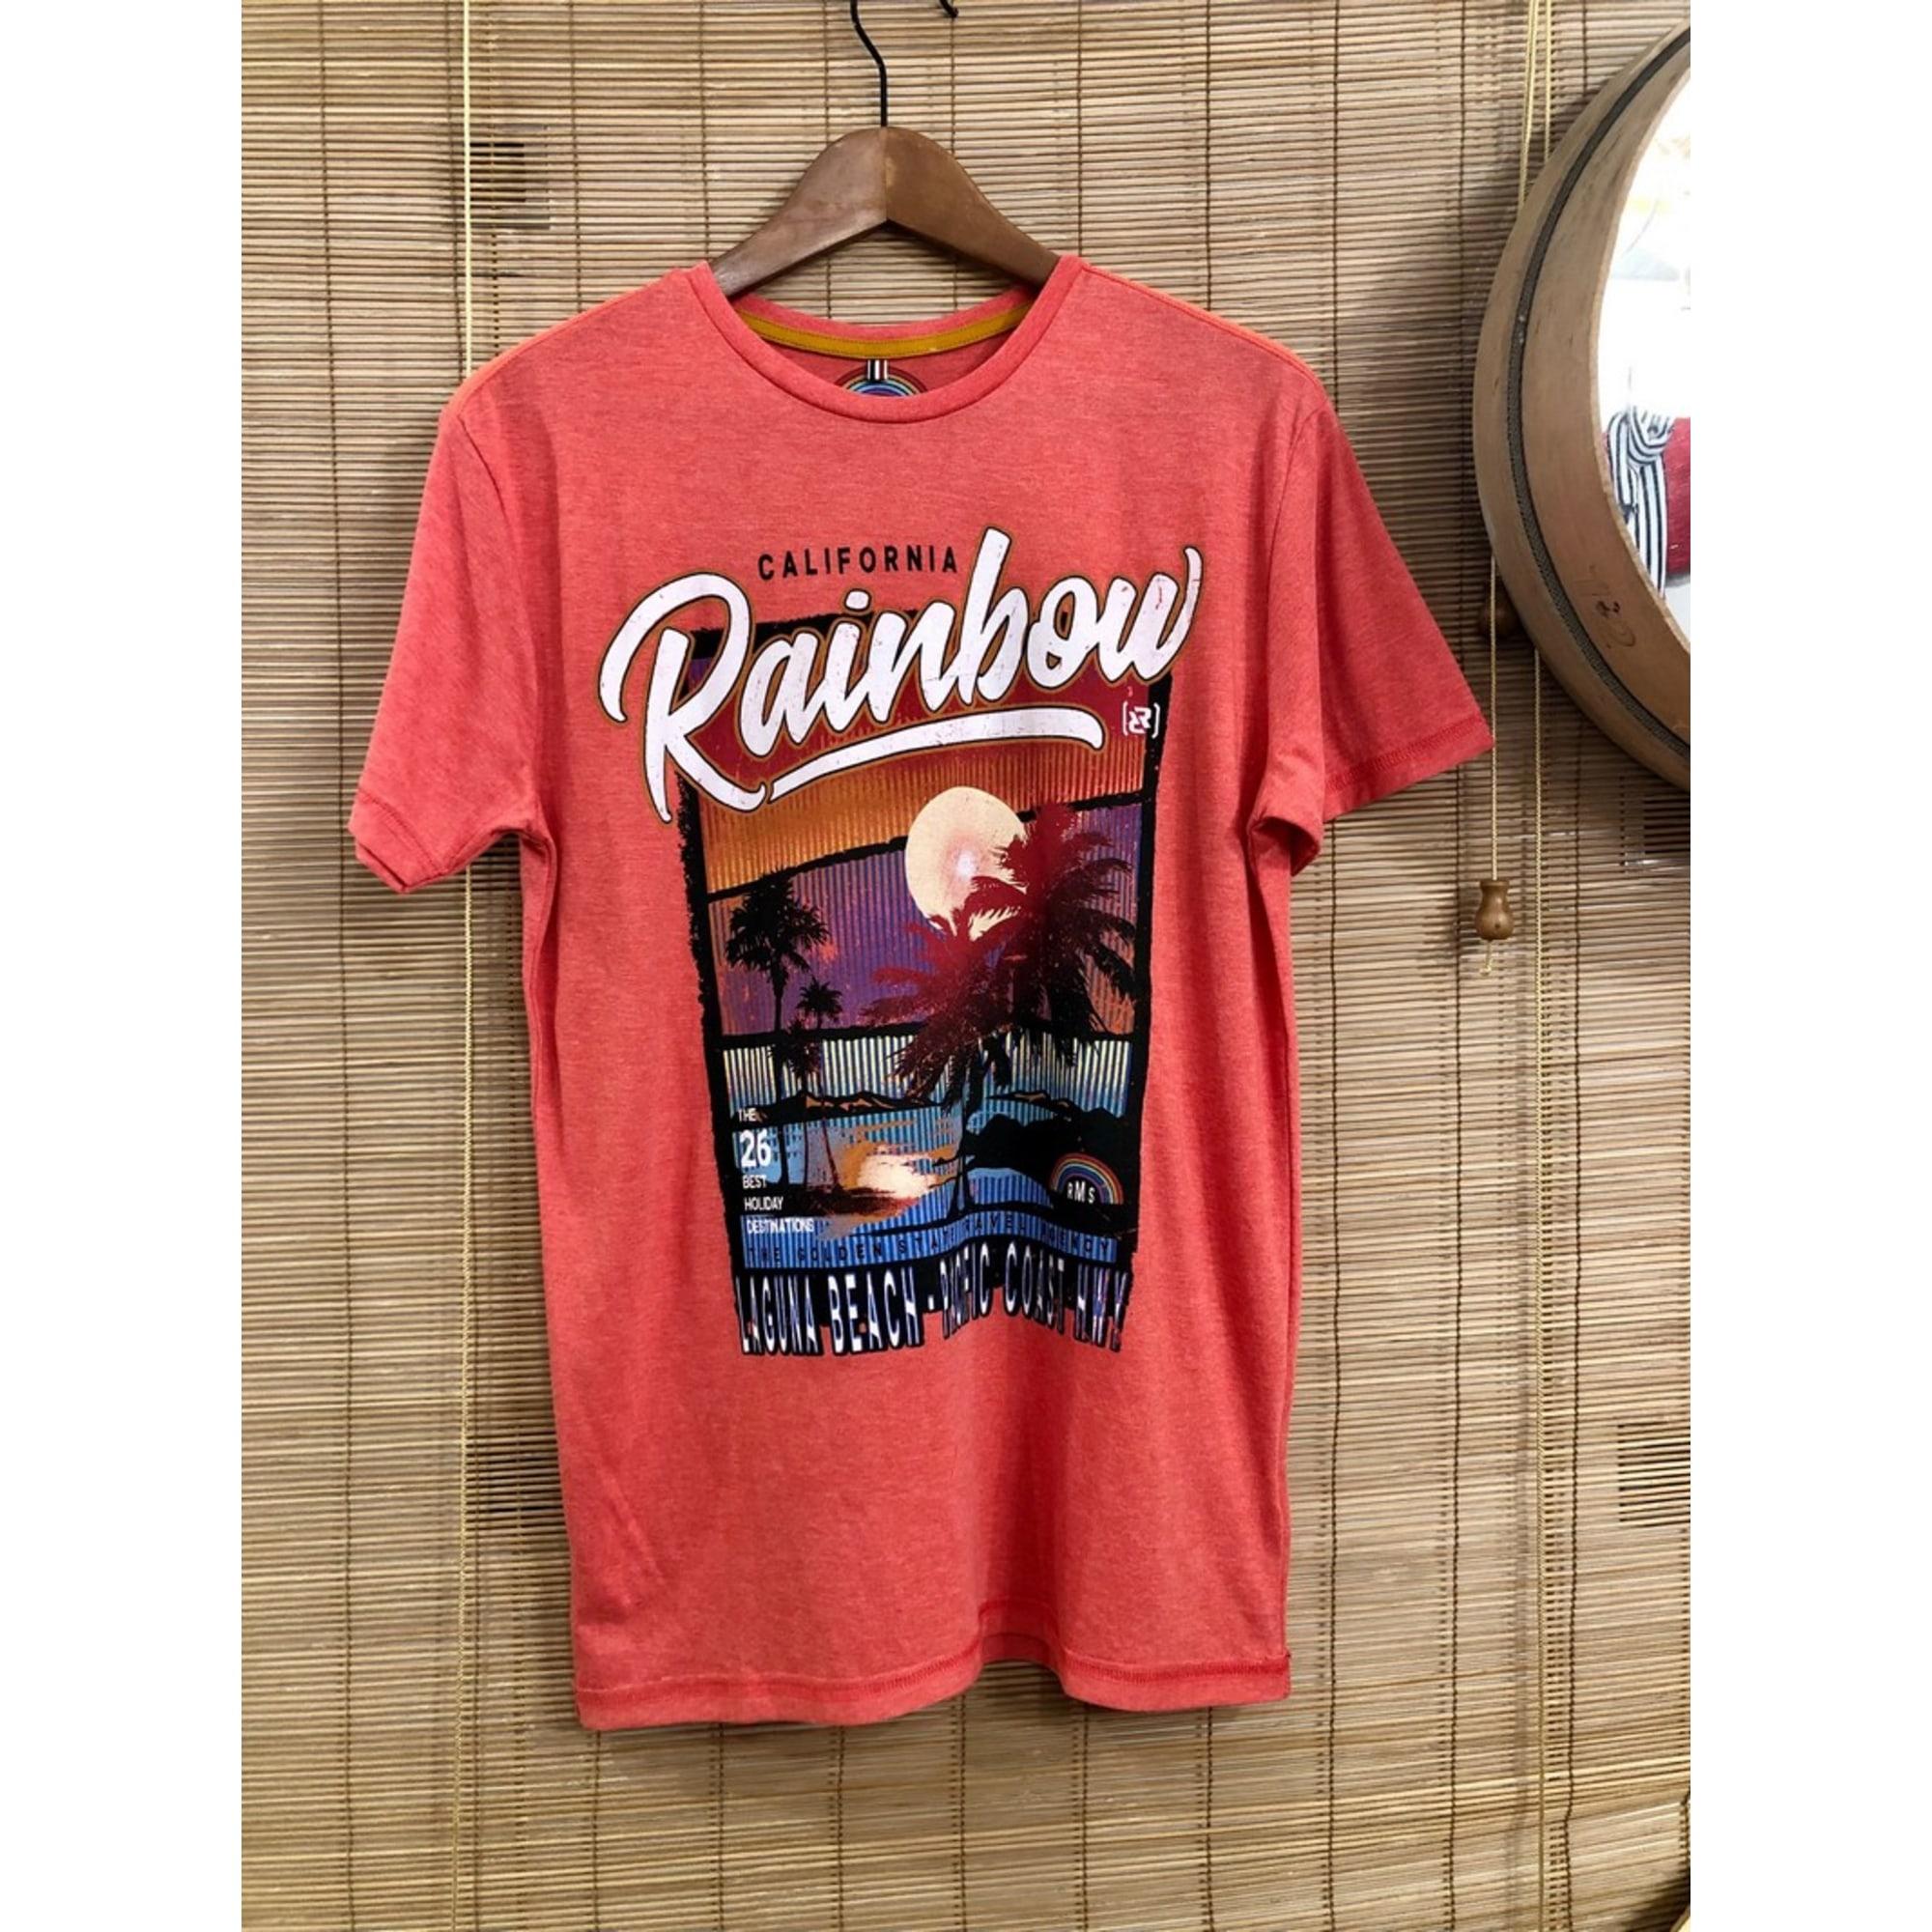 Tee-shirt RMS 26 Rouge, bordeaux